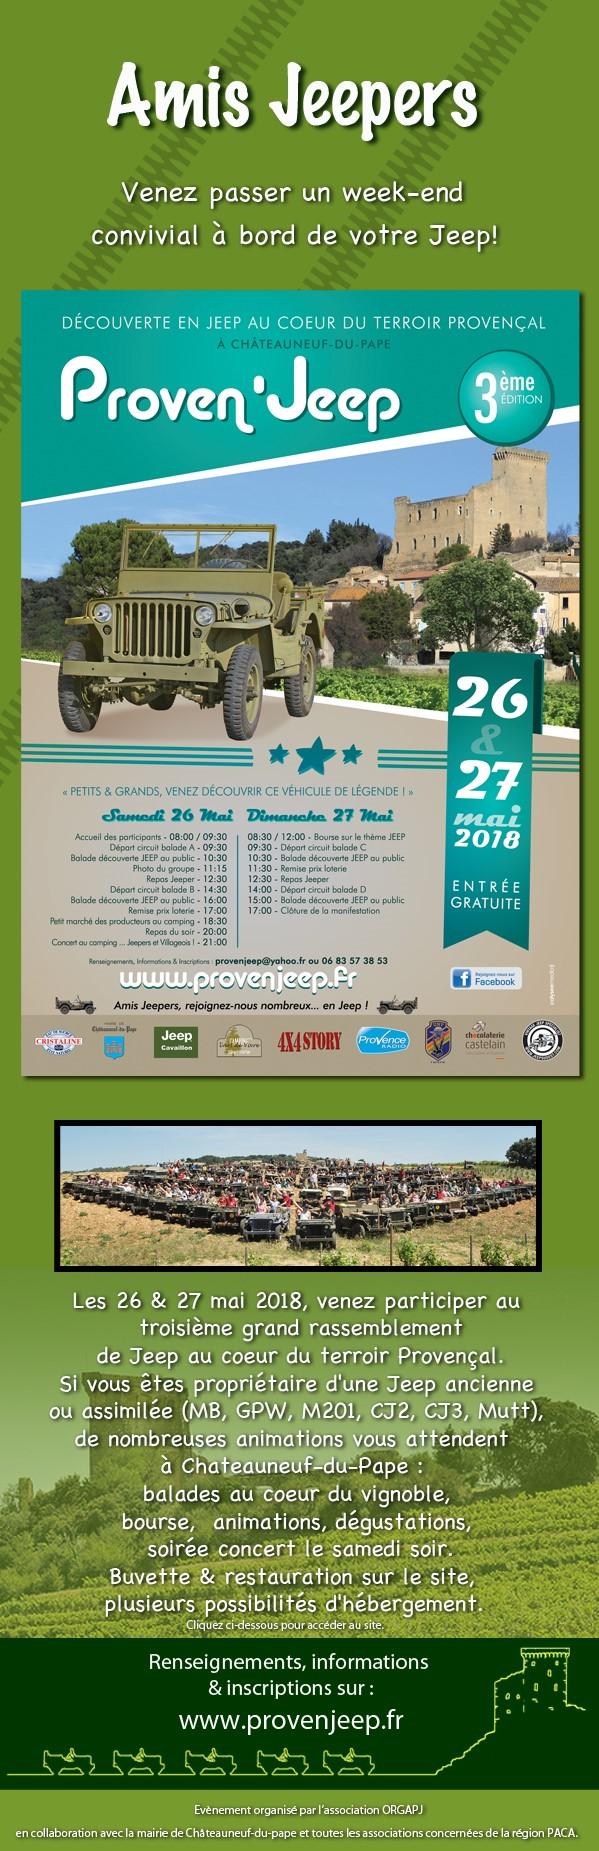 Rassemblement Jeep ancienne en Provence le 26 et 27 mai 2018 à Chateauneuf du pape.